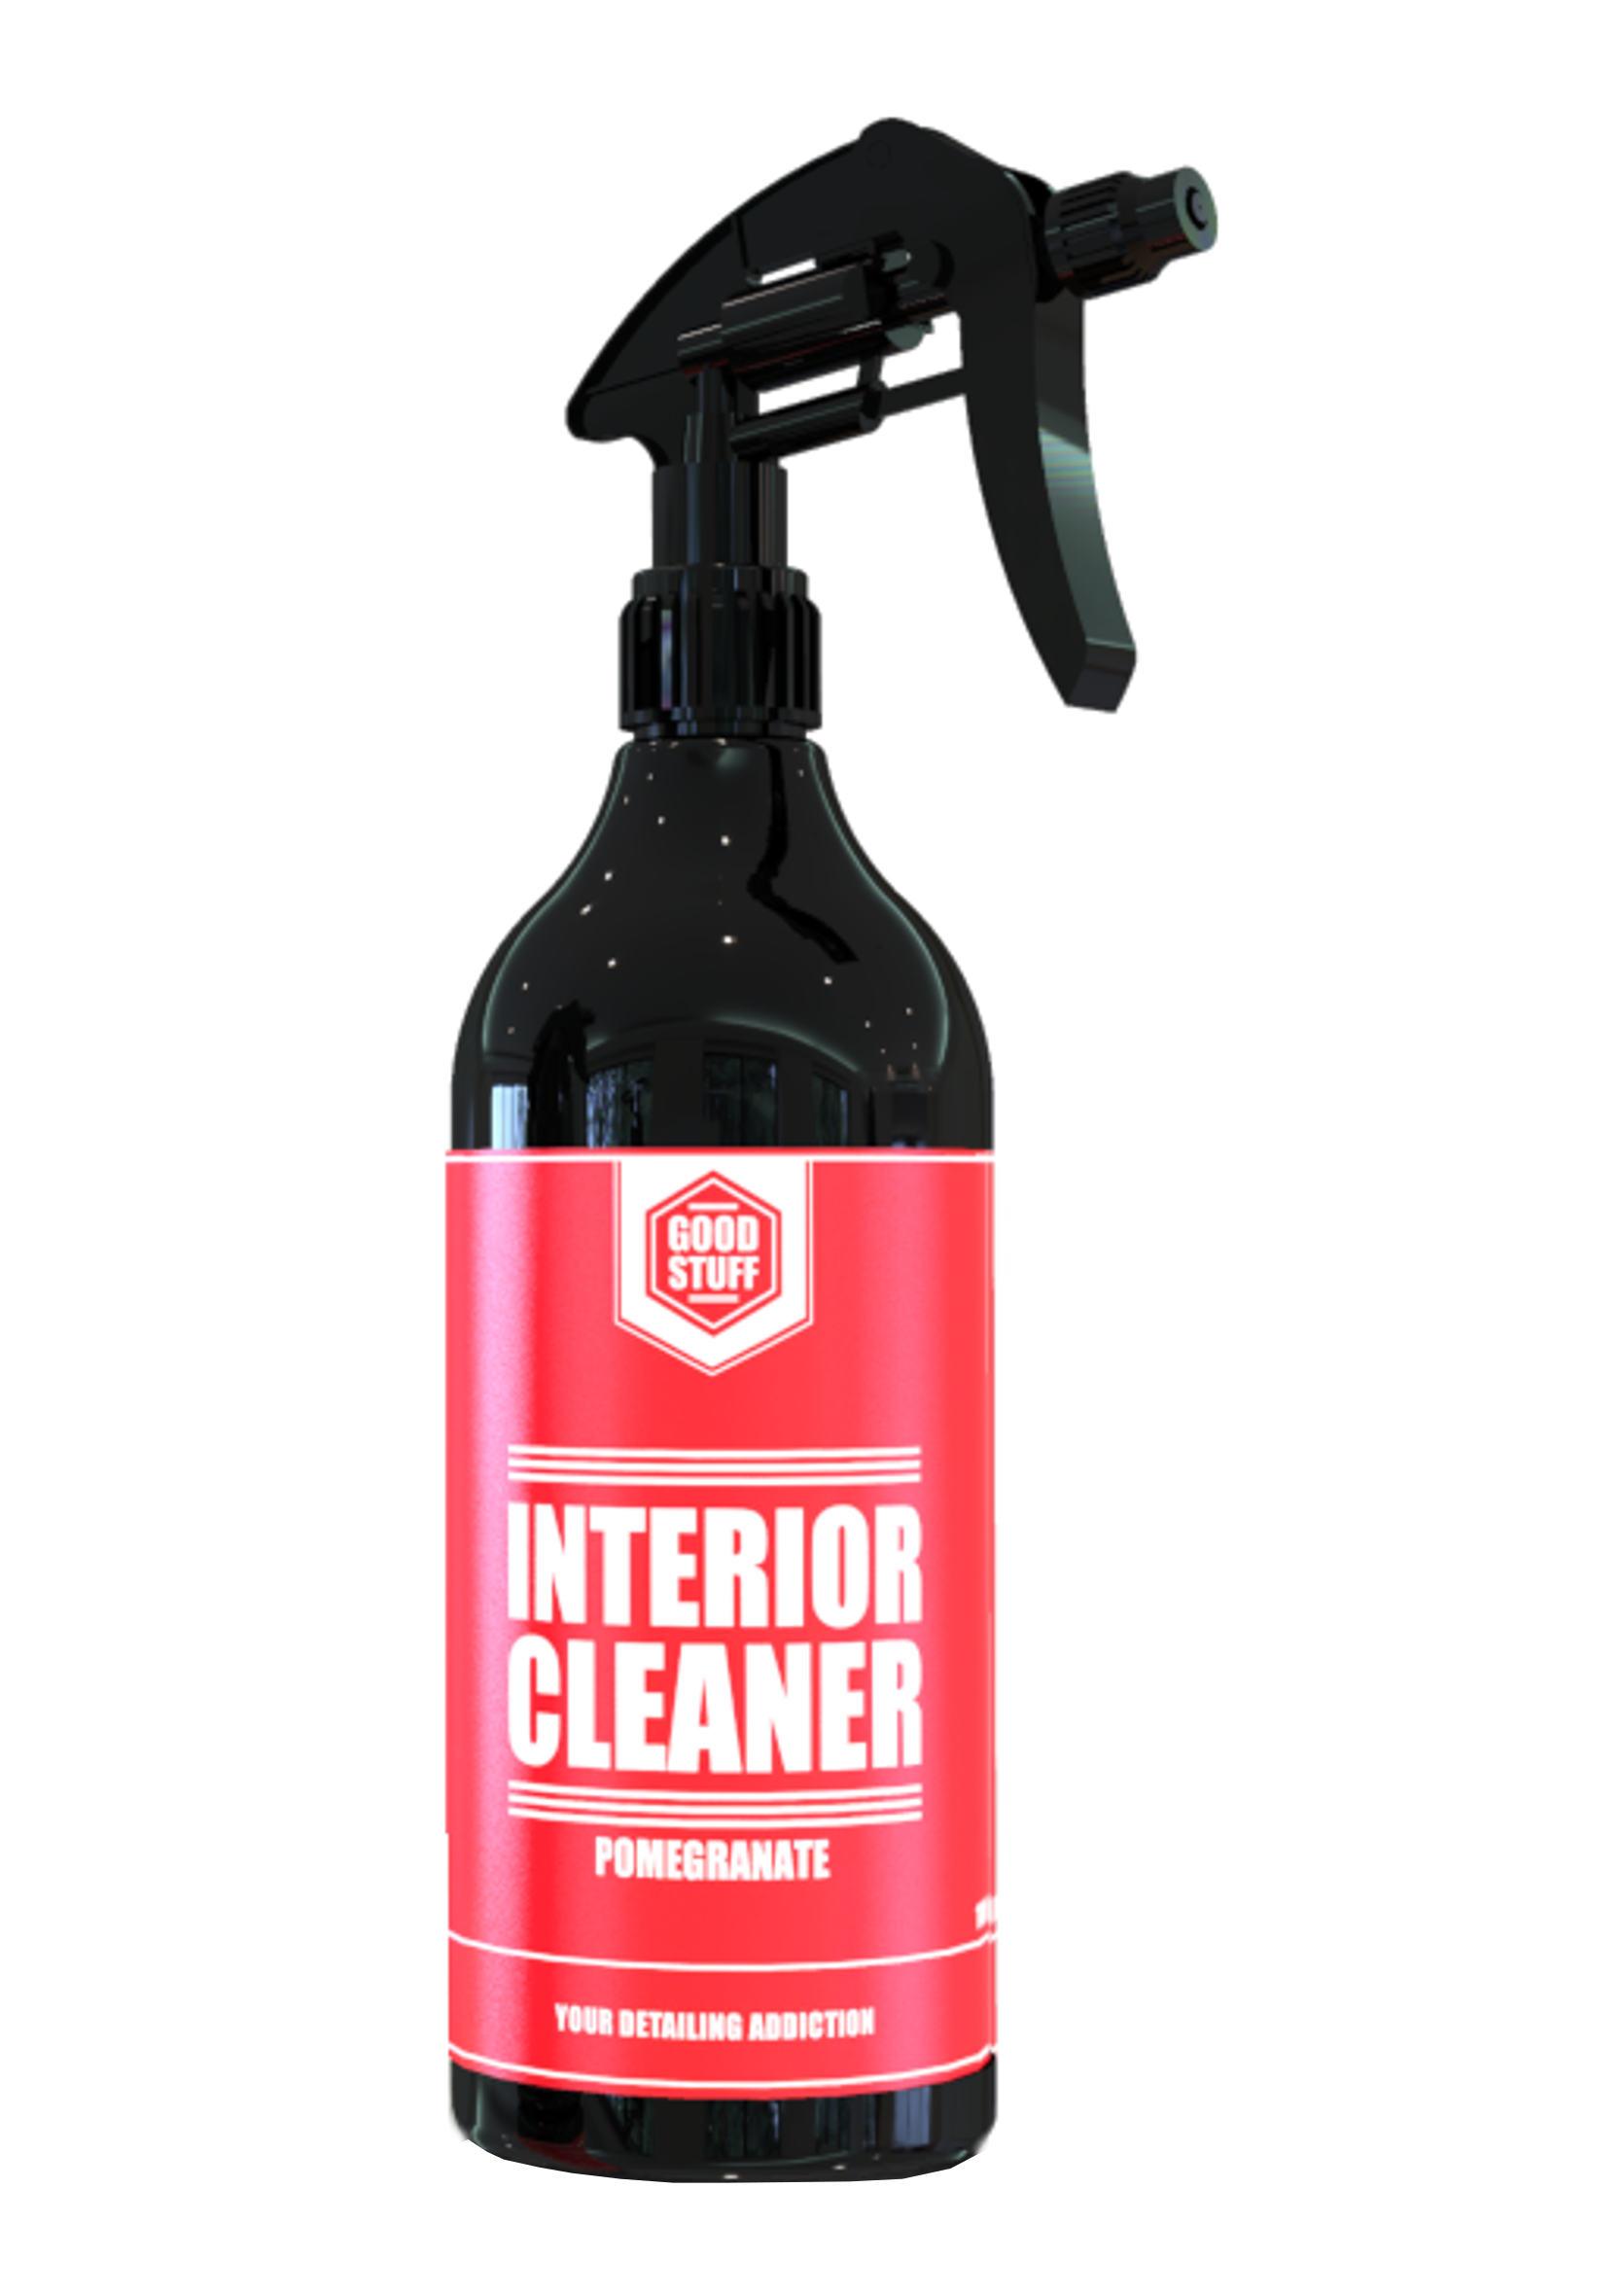 Good Stuff Interior Cleaner Pomegranate 1L Płyn do Czyszczenia Wnętrza